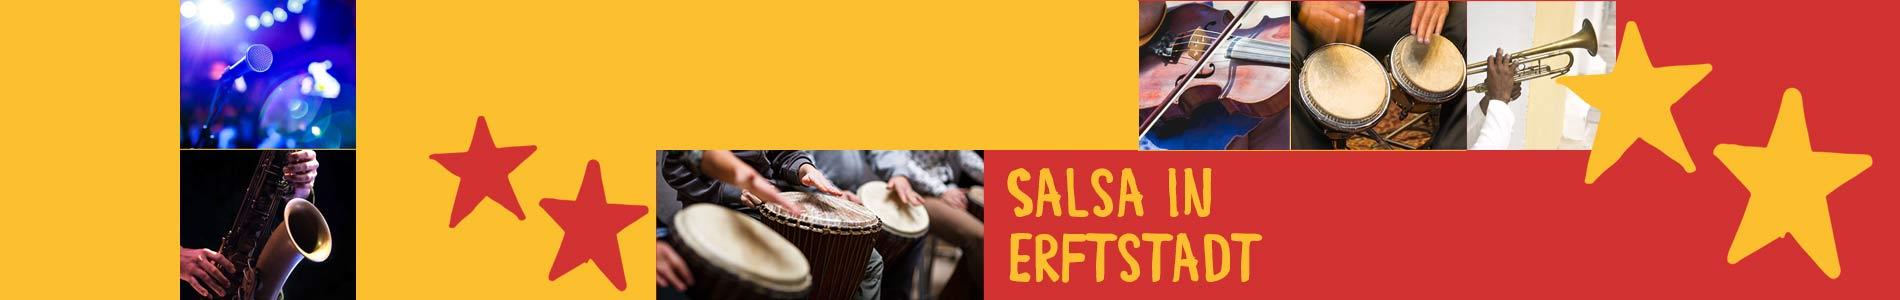 Salsa in Erftstadt – Salsa lernen und tanzen, Tanzkurse, Partys, Veranstaltungen